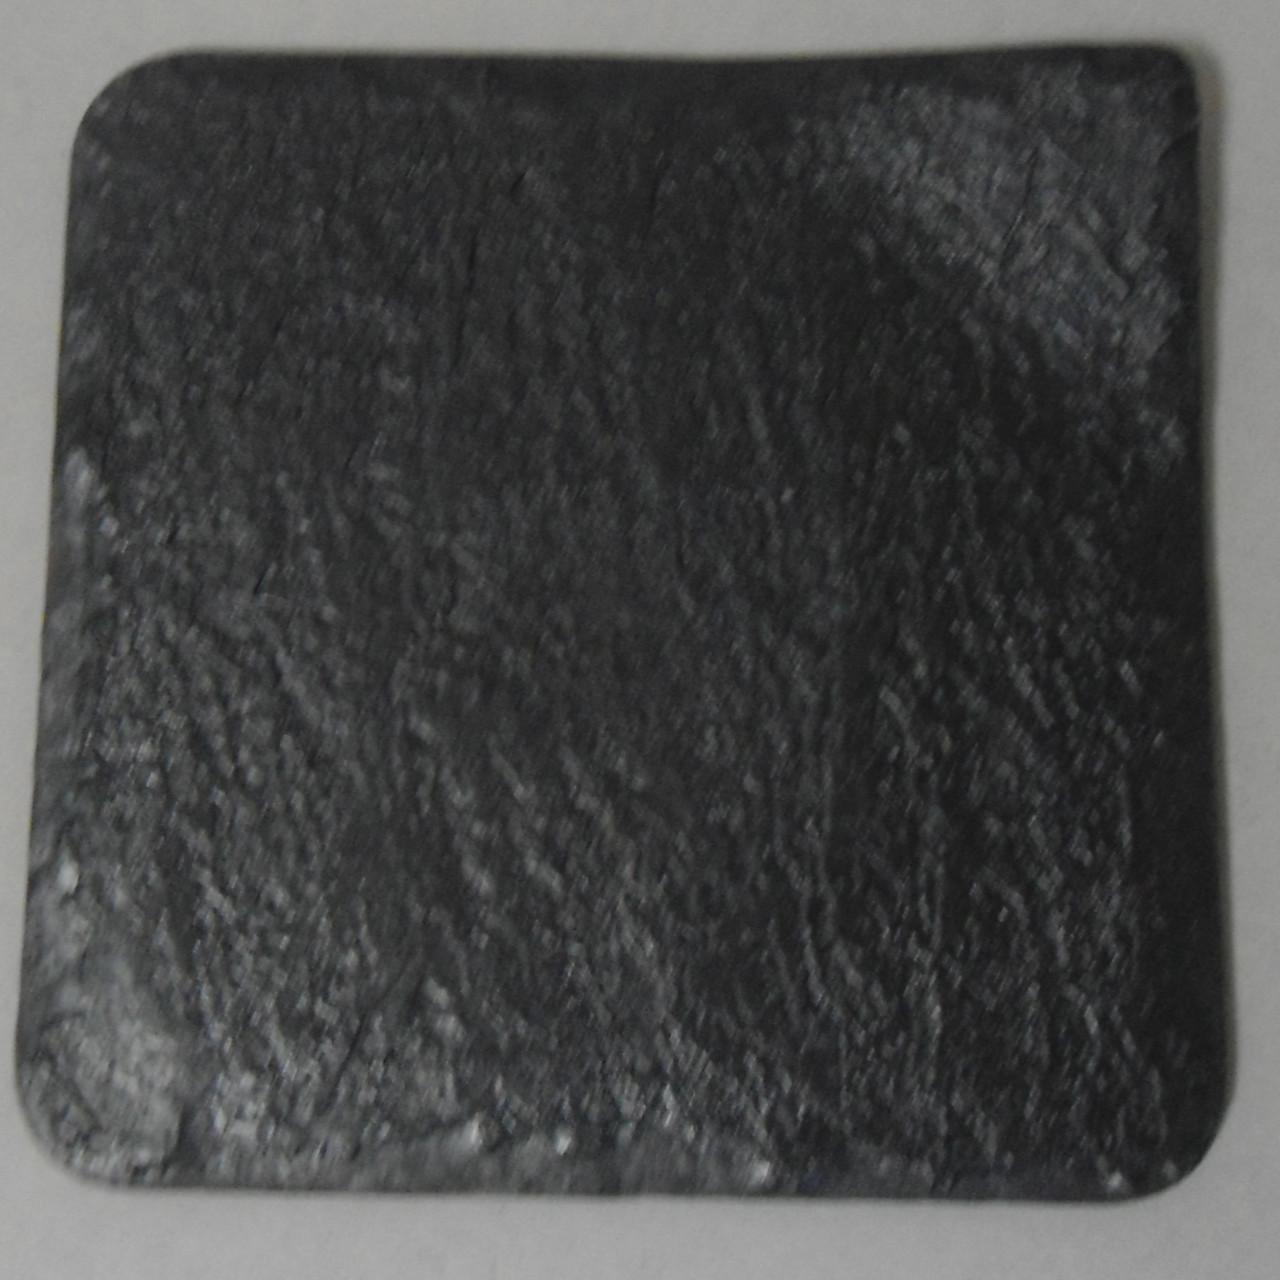 Подставка камень 11*11см Китай - 04582